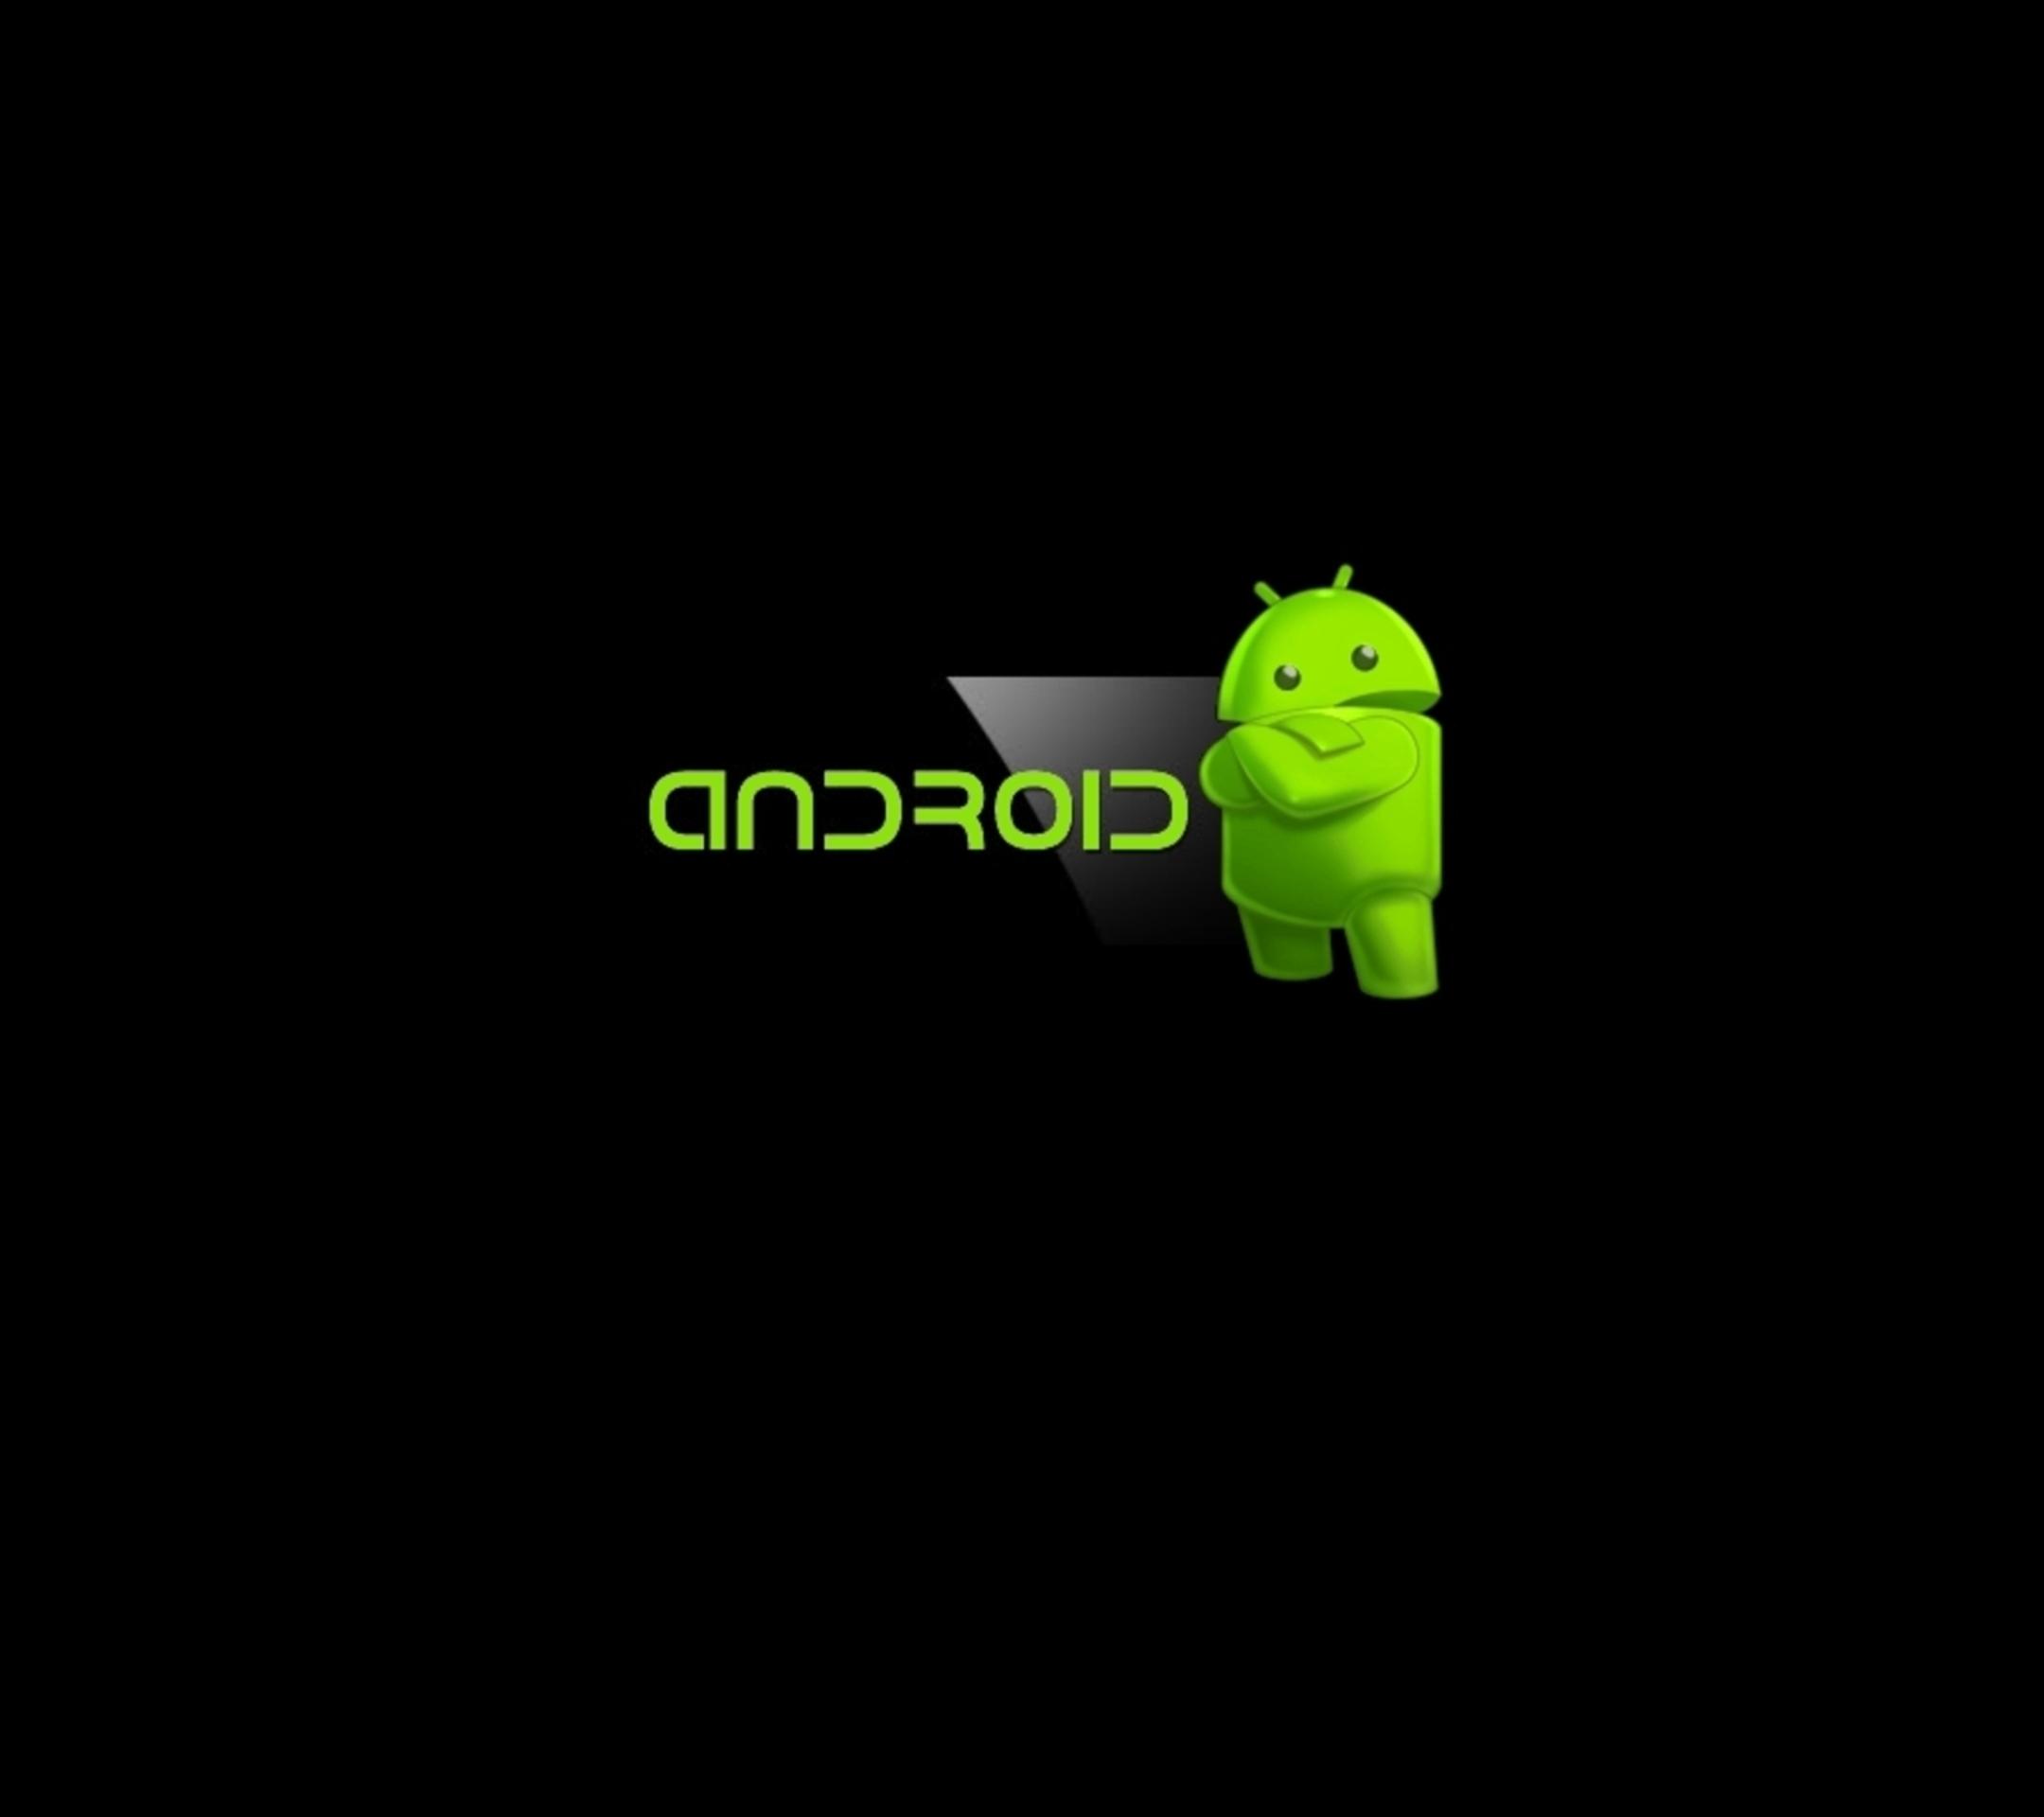 hd wallpaper for android wallpapersafari